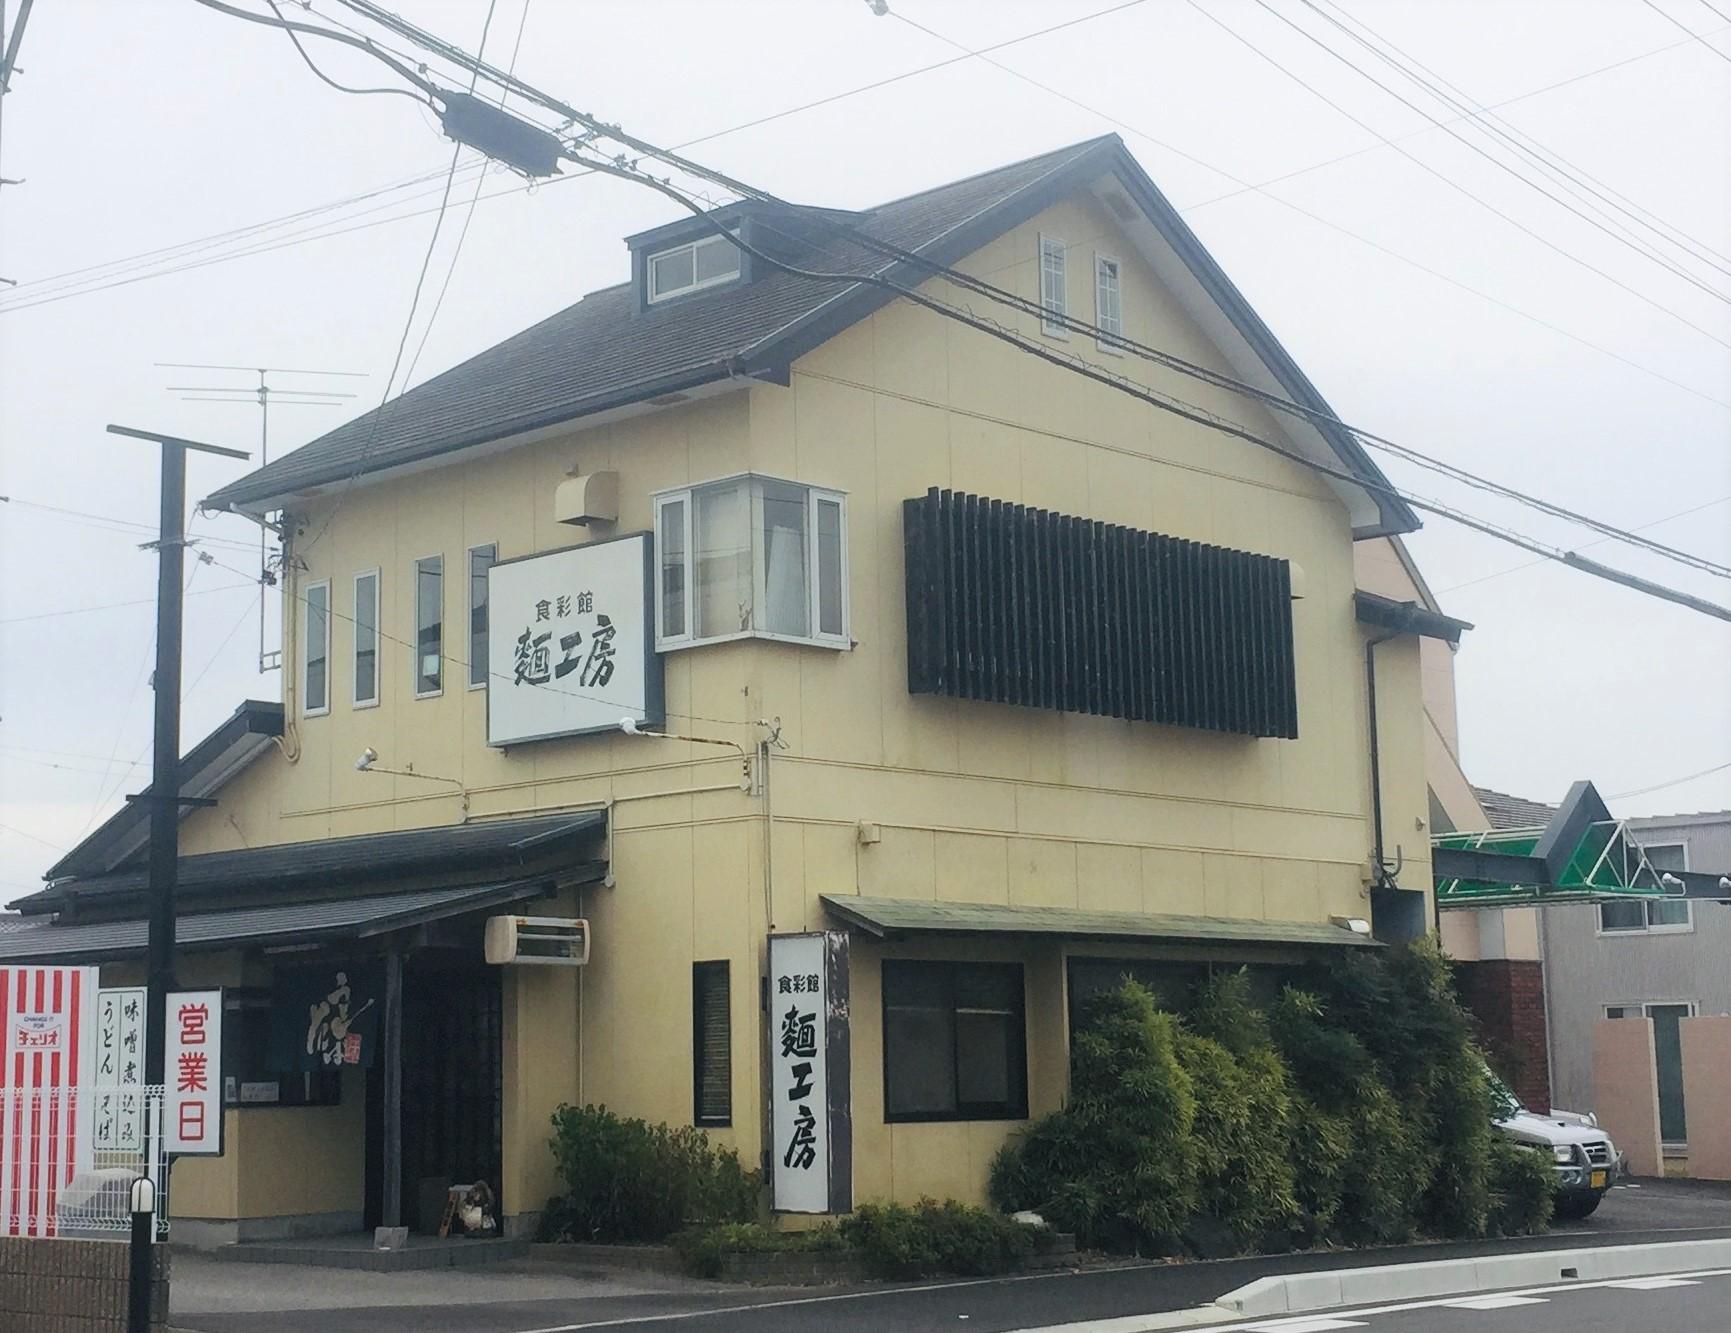 寒い冬にピッタリ!岡崎市でうどんを食べるなら絶対に外せないお店3選 - 3f2d173ce81dd1450bd8ddeb7fc90740